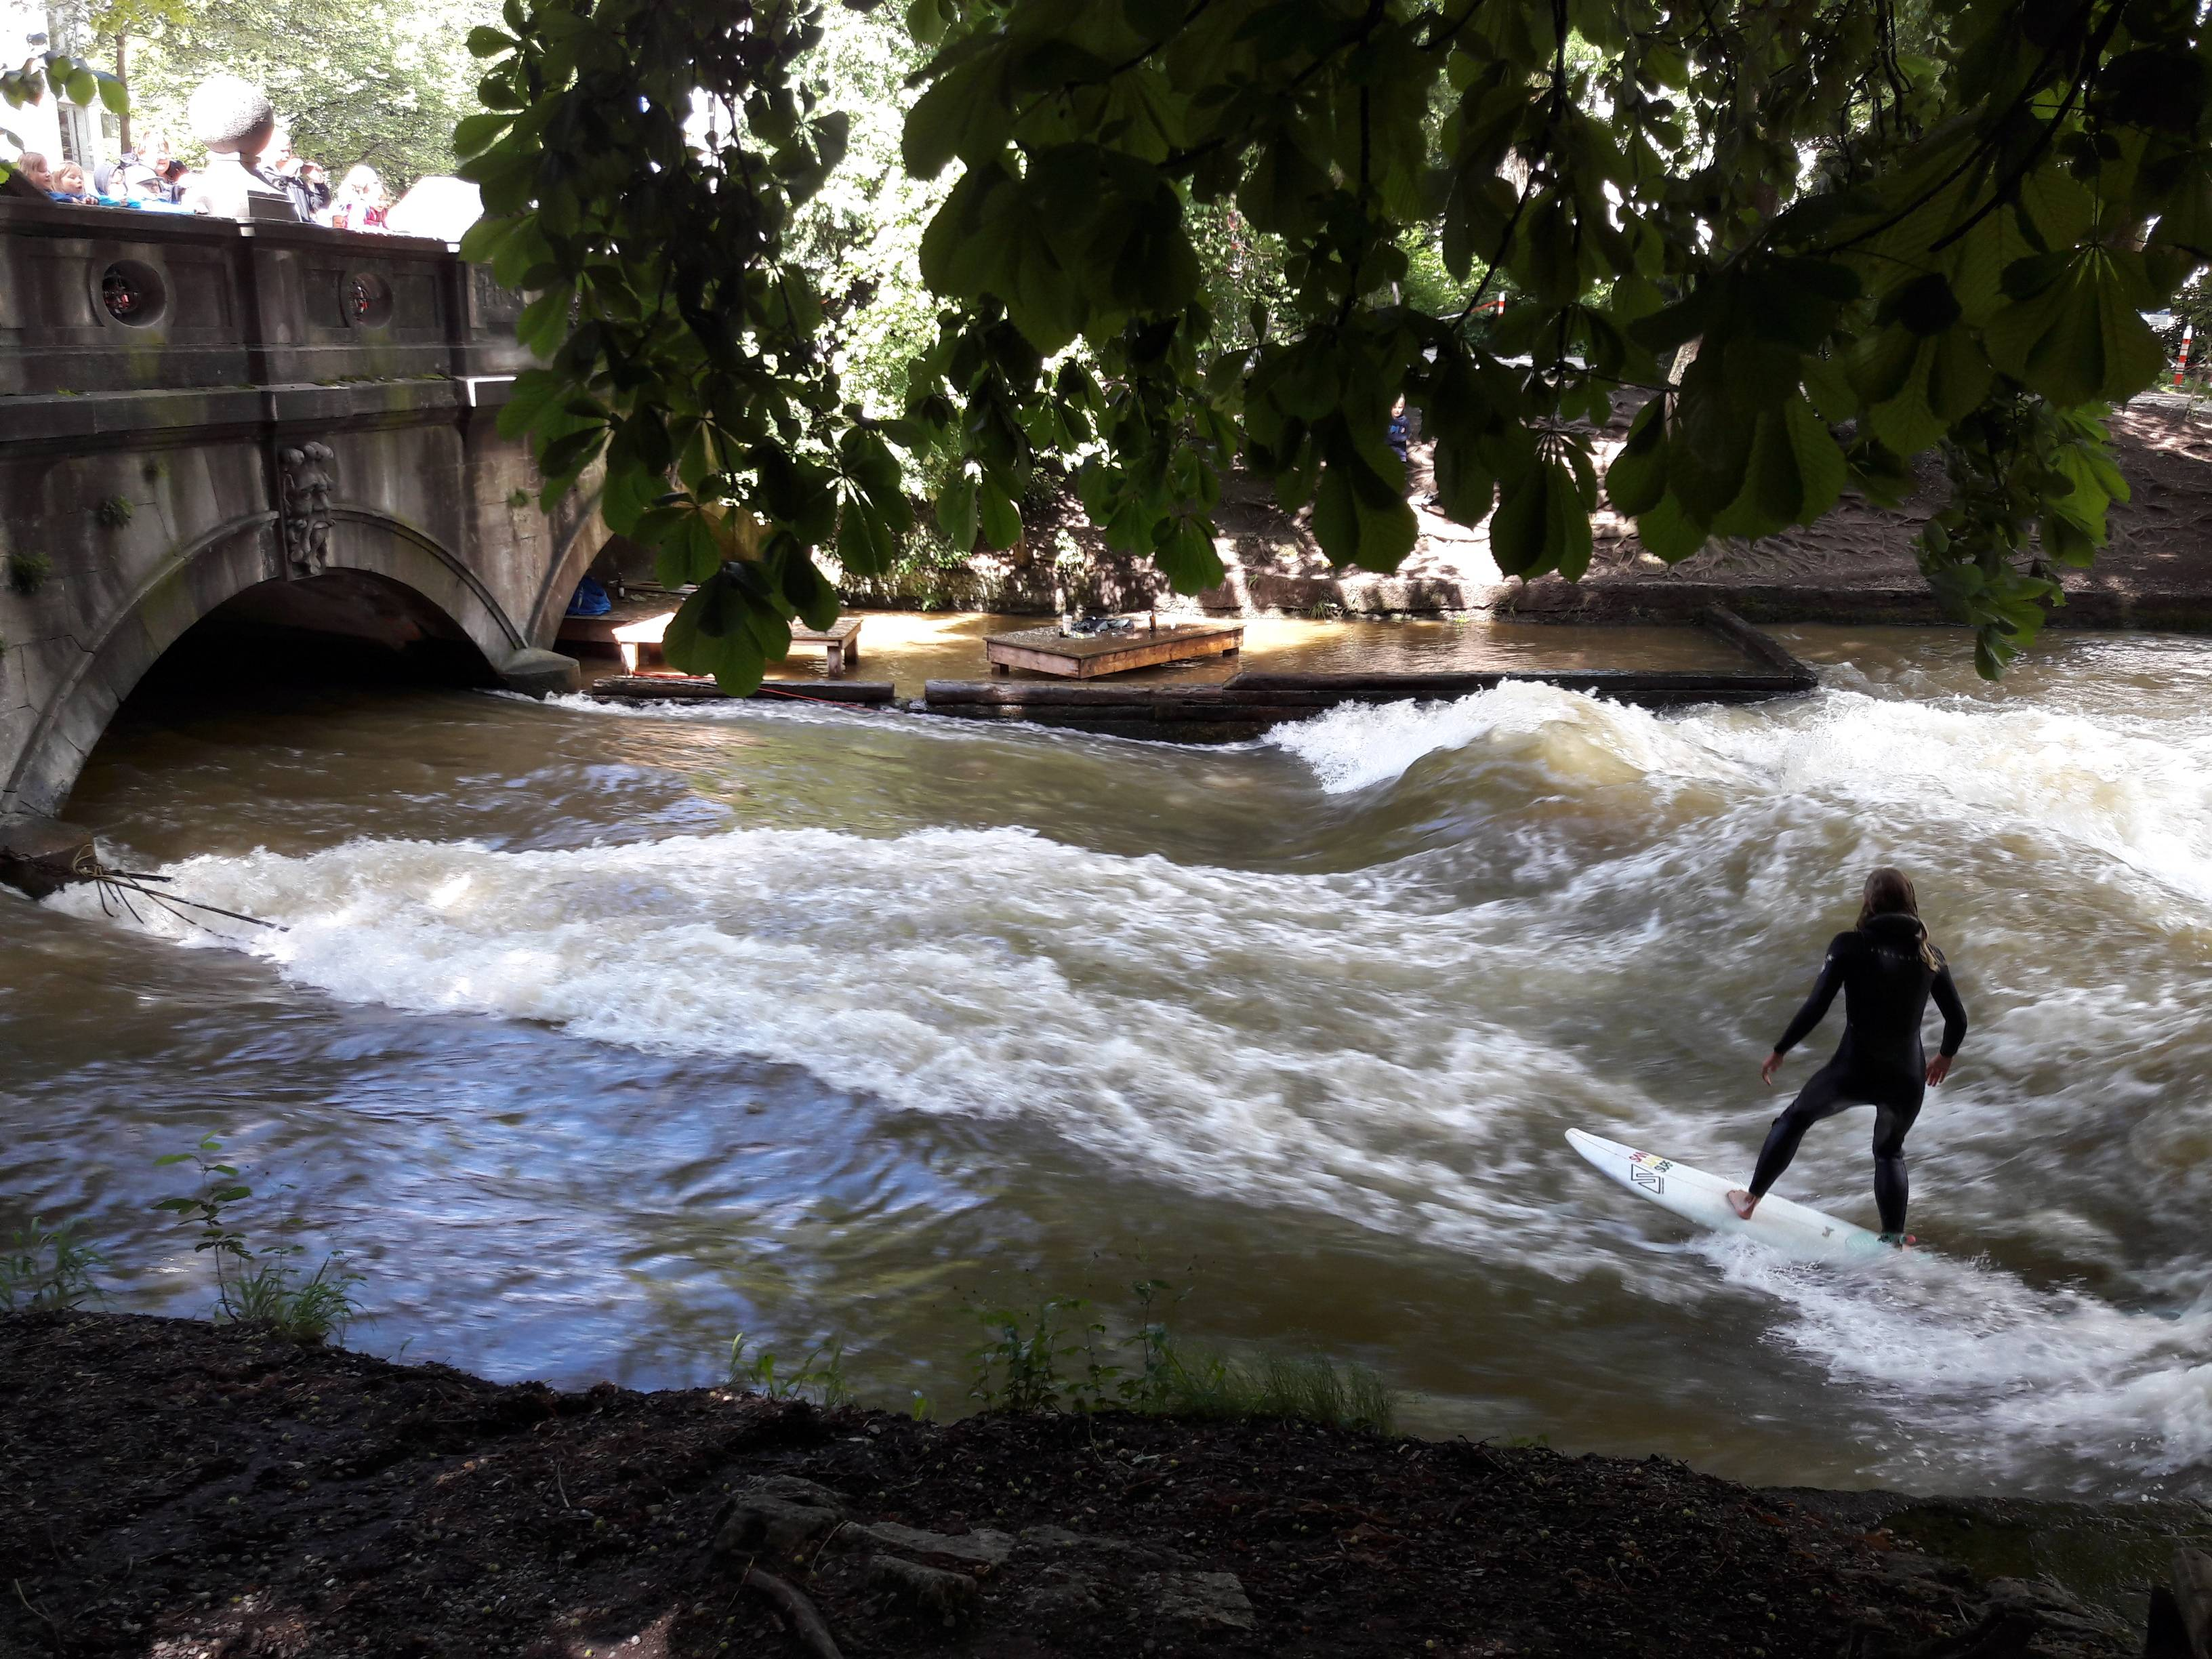 Photo 2: Surfer à Munich c'est possible !